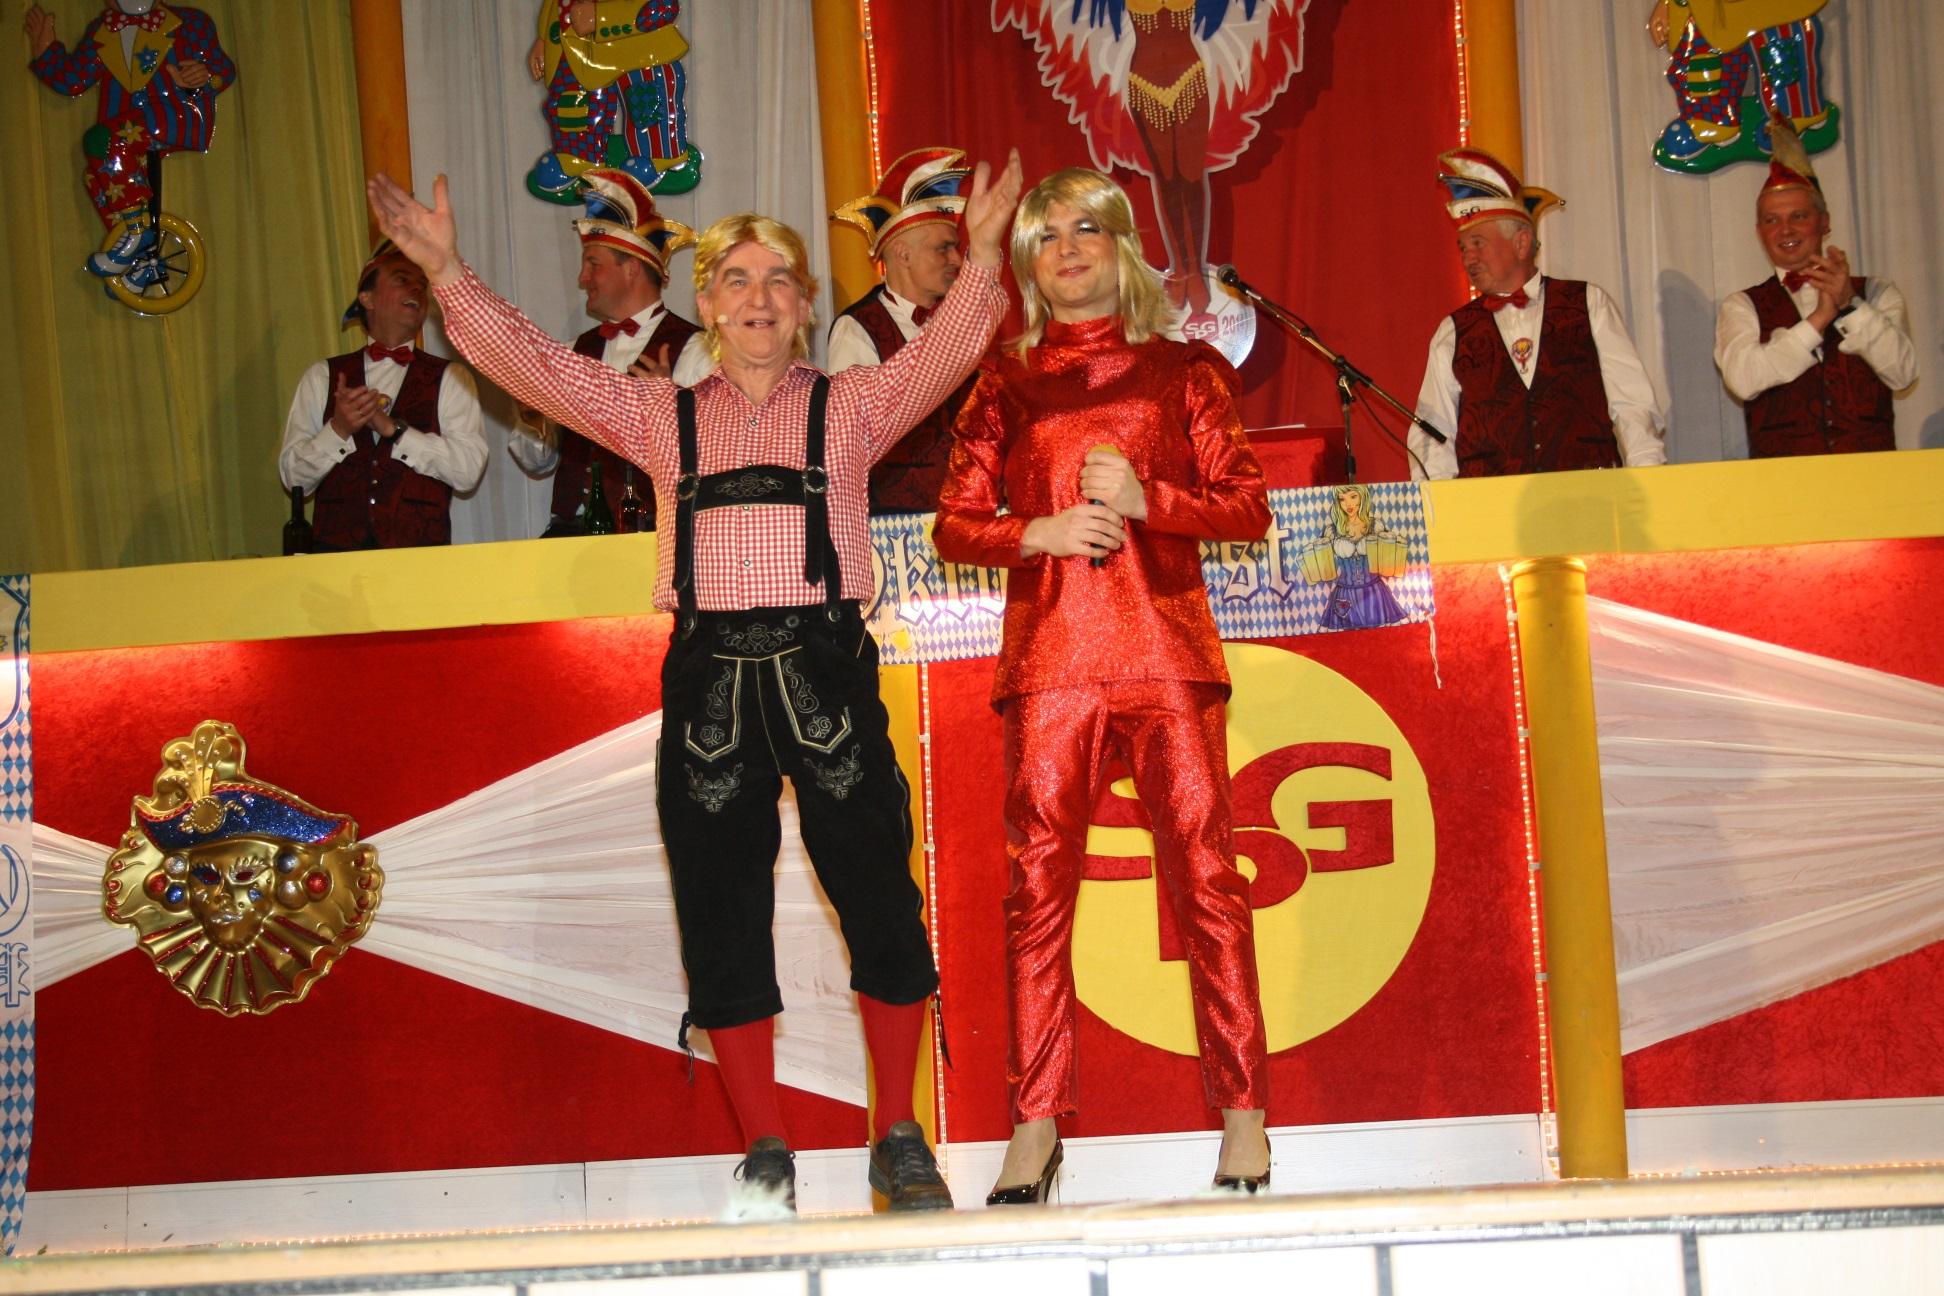 Helene Fischer mit Florian Silbereisen